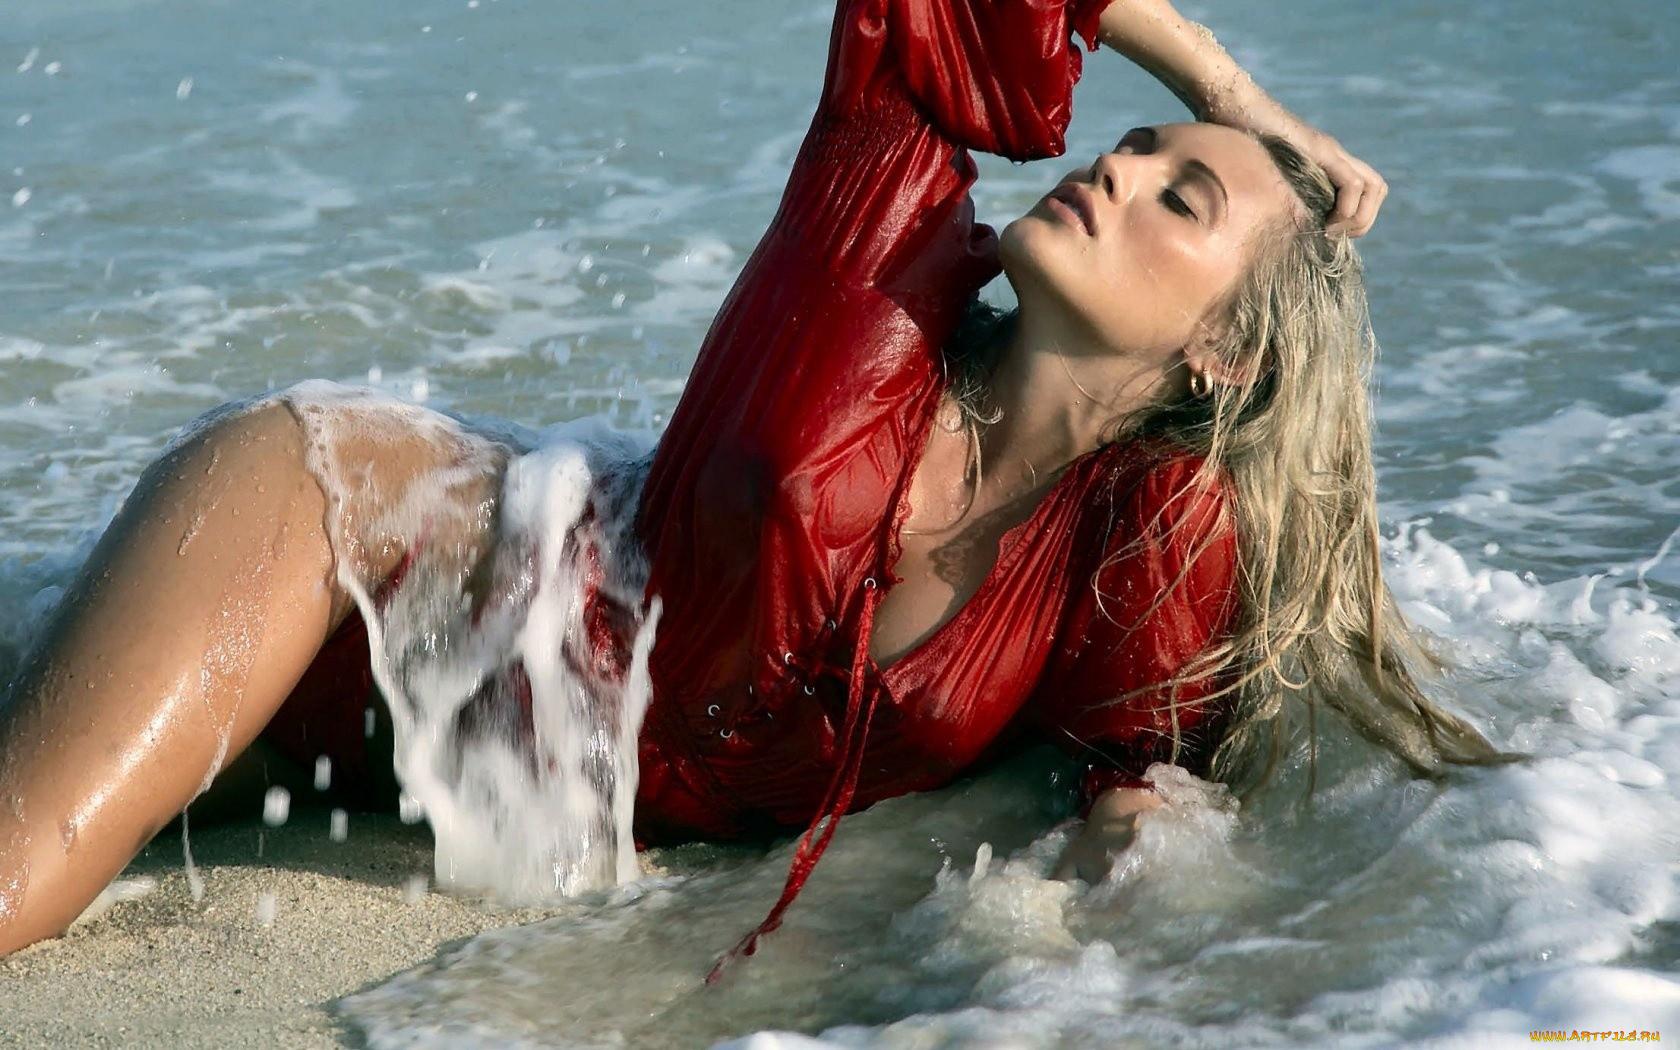 Смотреть фильм влажные блондинки, секс видео молодой парень с заросшим лобком дрочит в душе